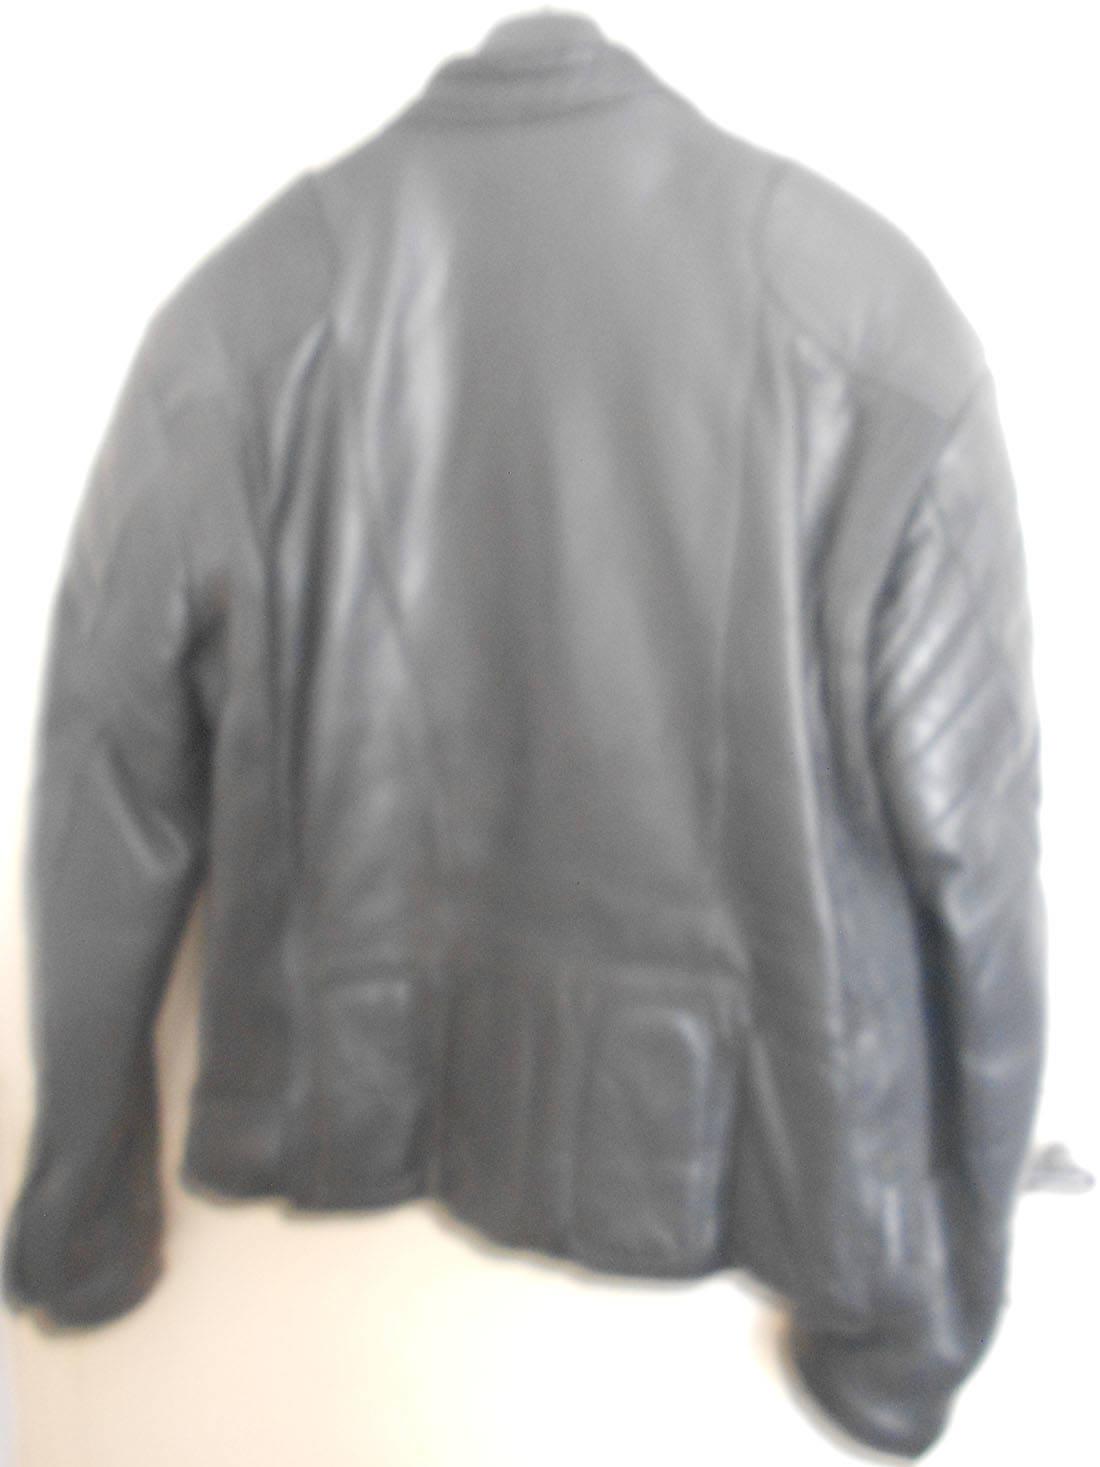 Mono de piel negro vintage  en buen estado divisible  - Foto 4